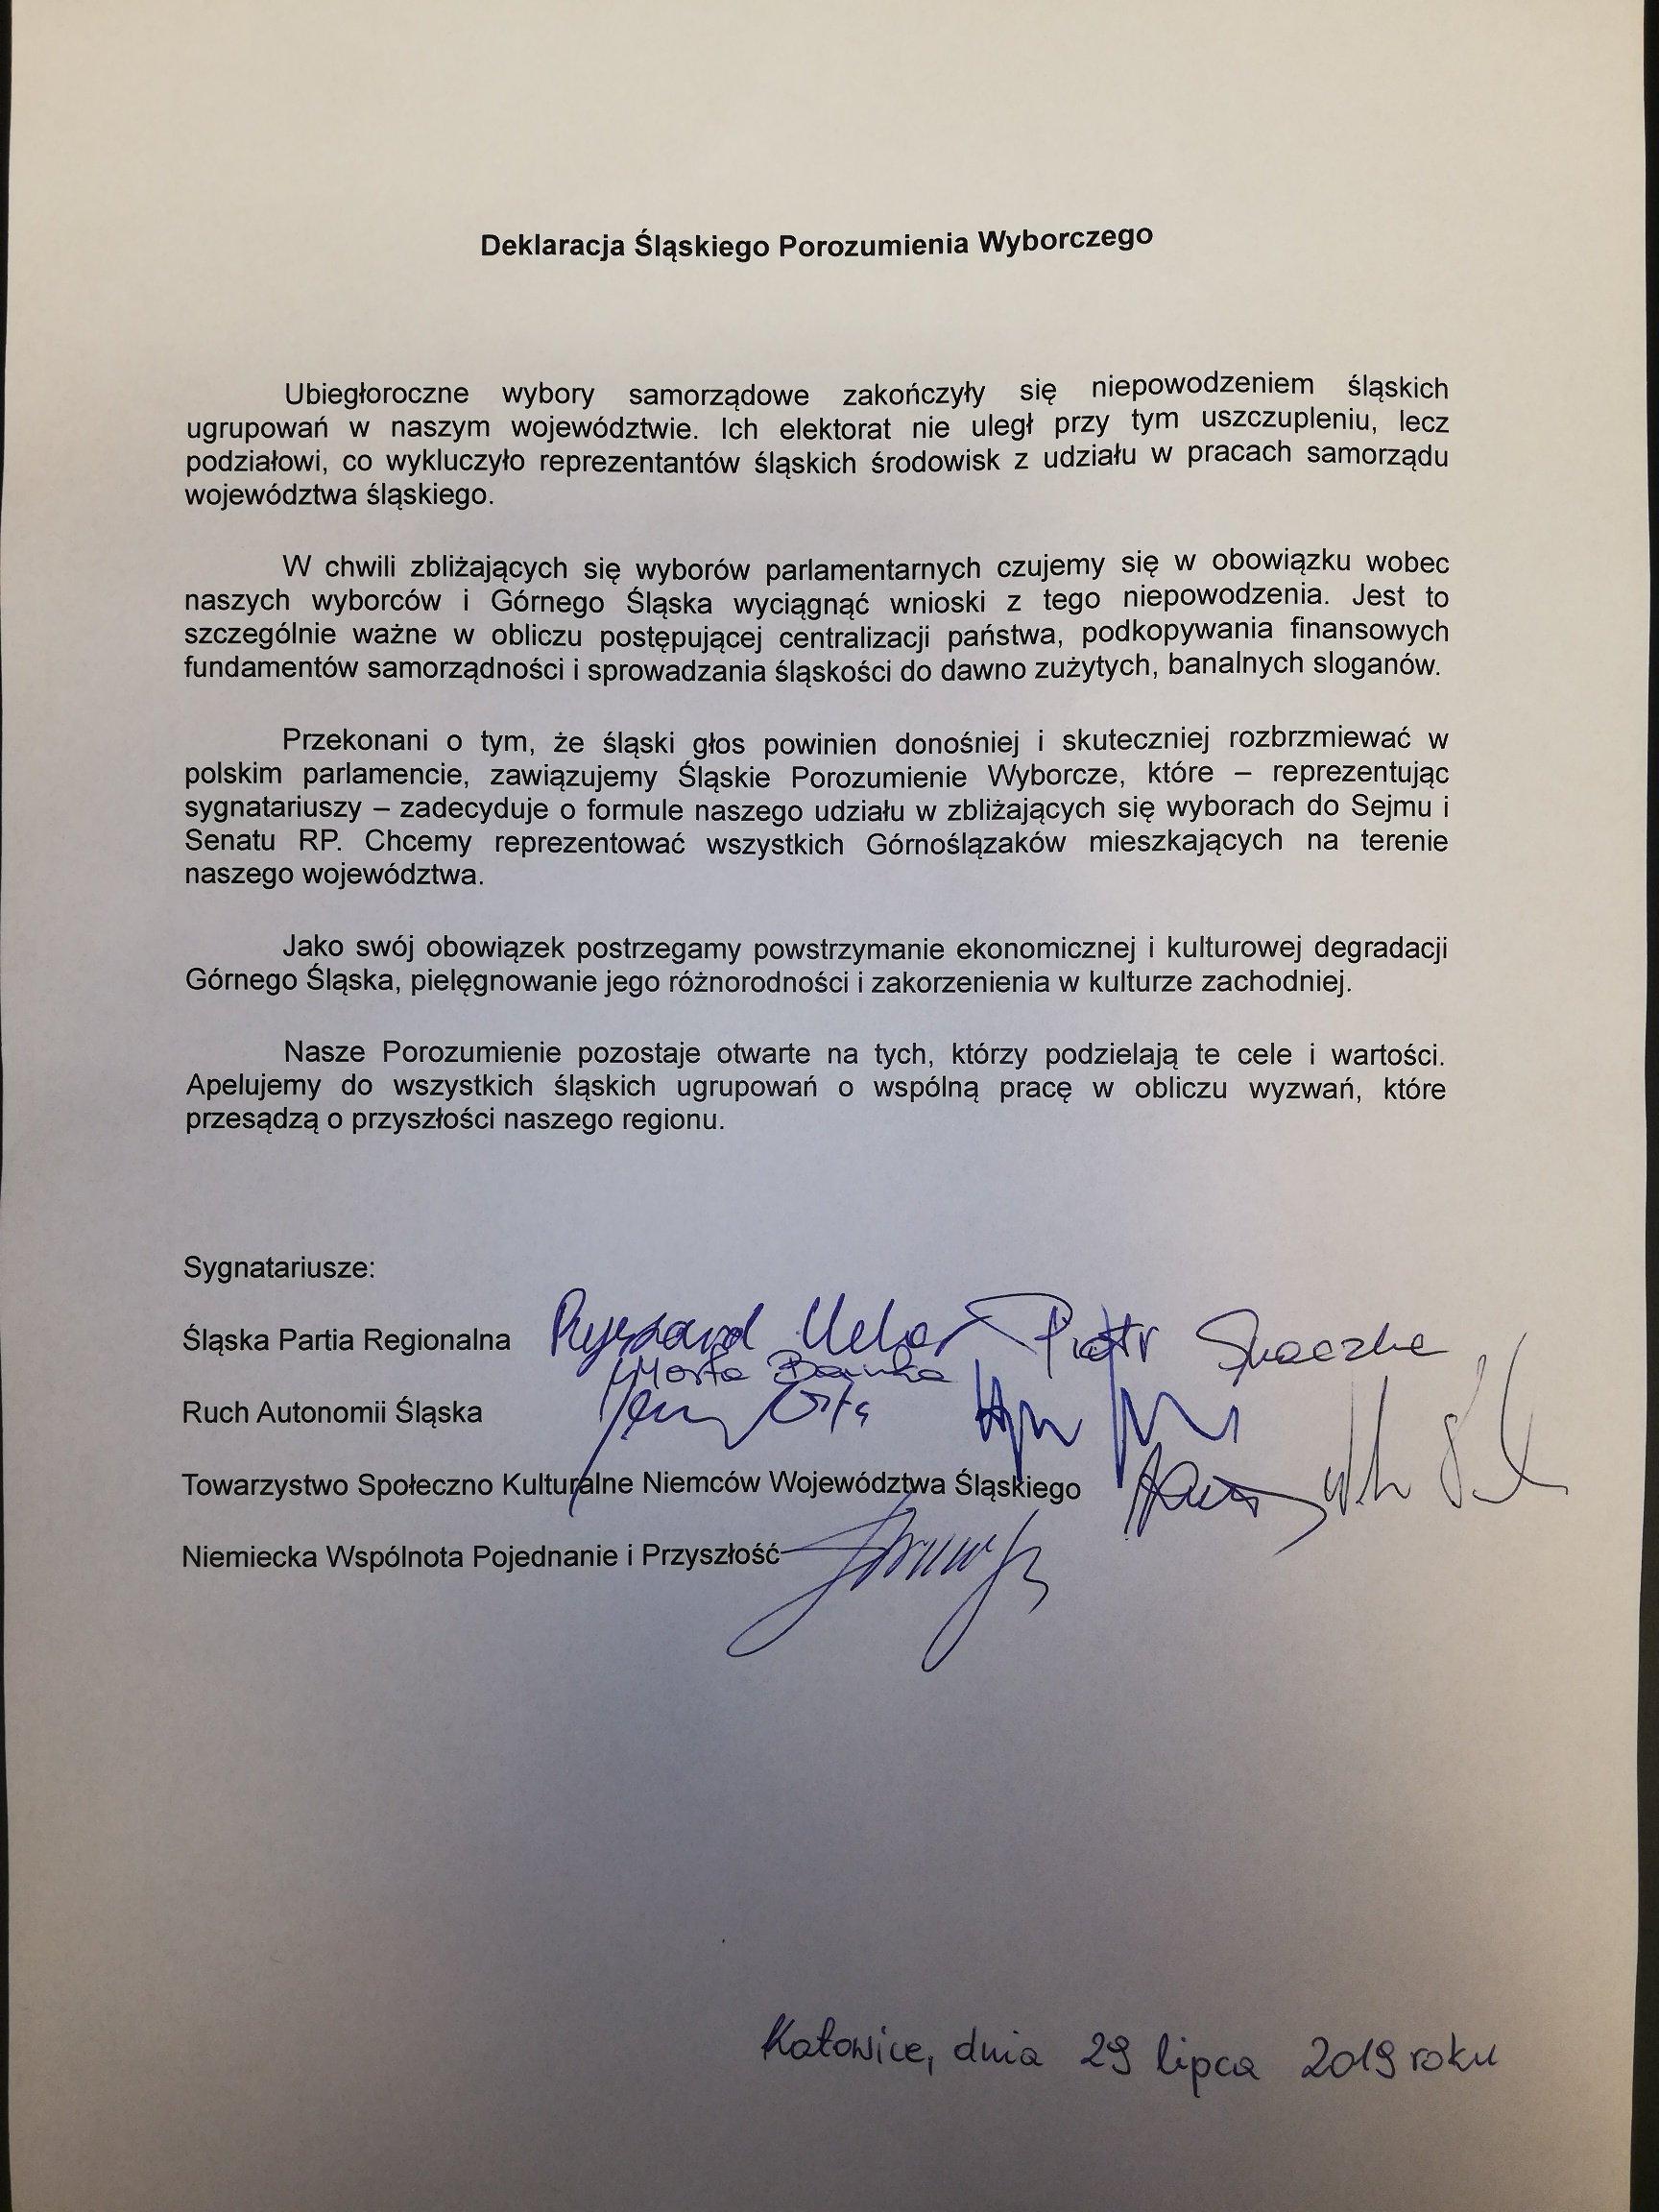 Treść deklaracji Śląskiego Porozumienia Wyborczego